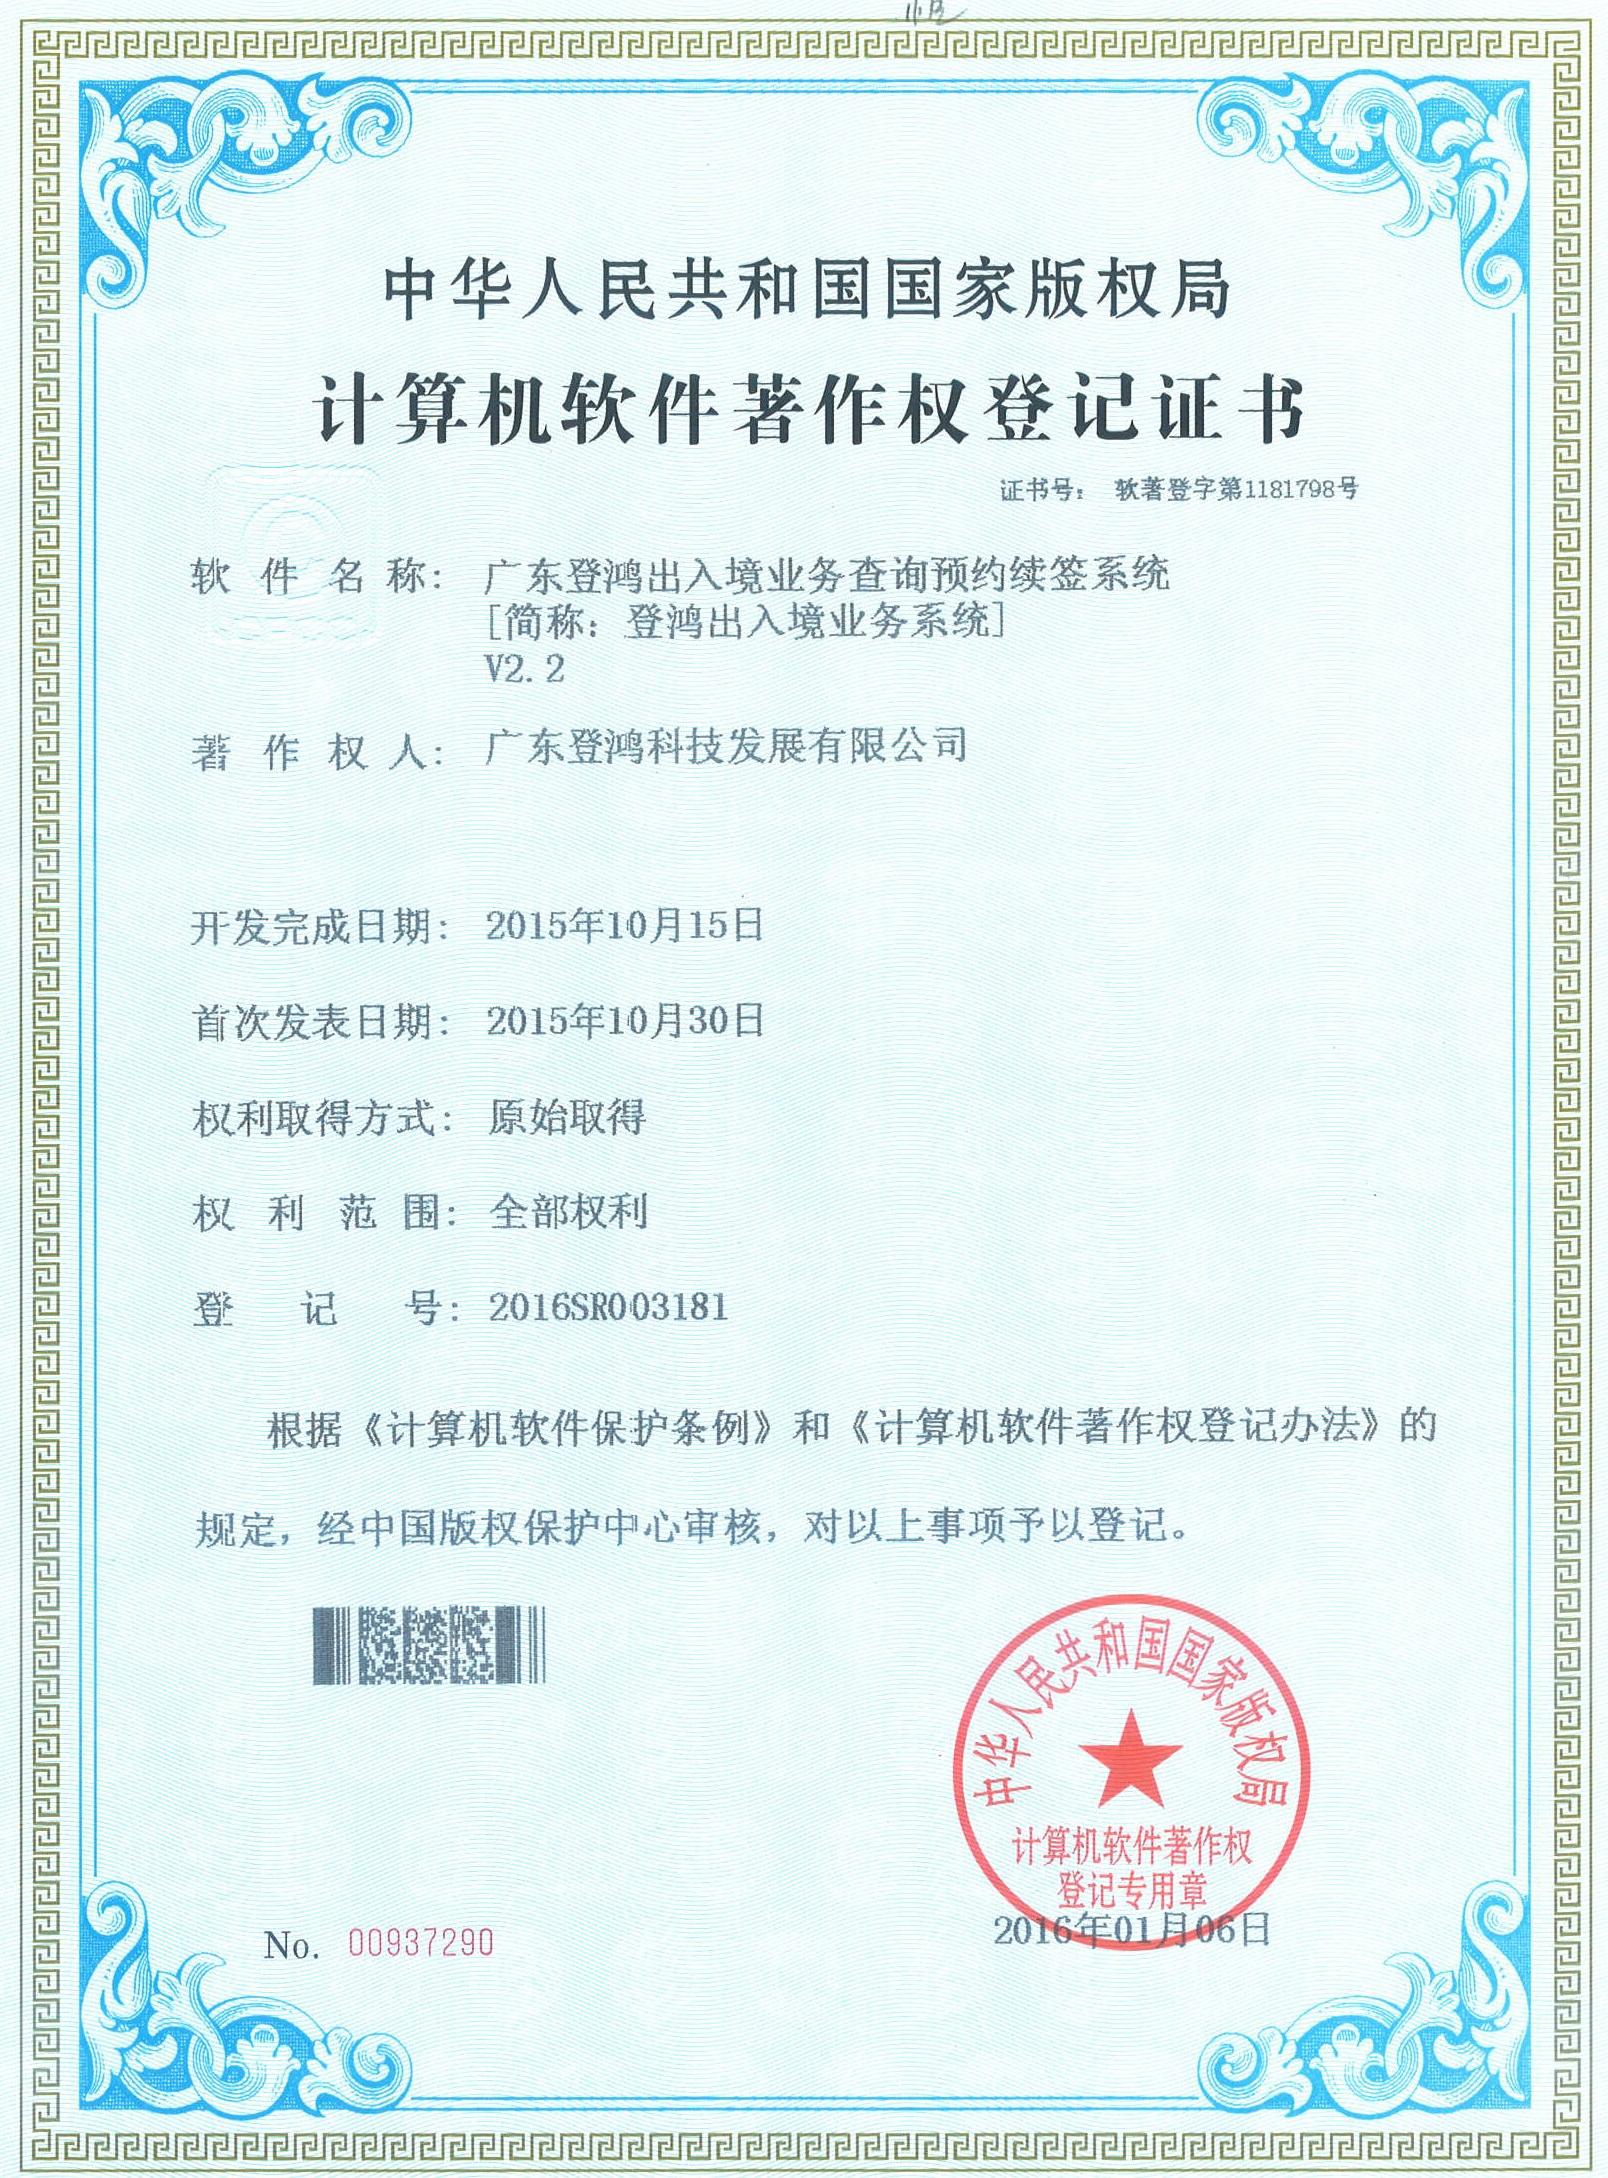 广东登鸿出入境业务查询预约续签系统0106真